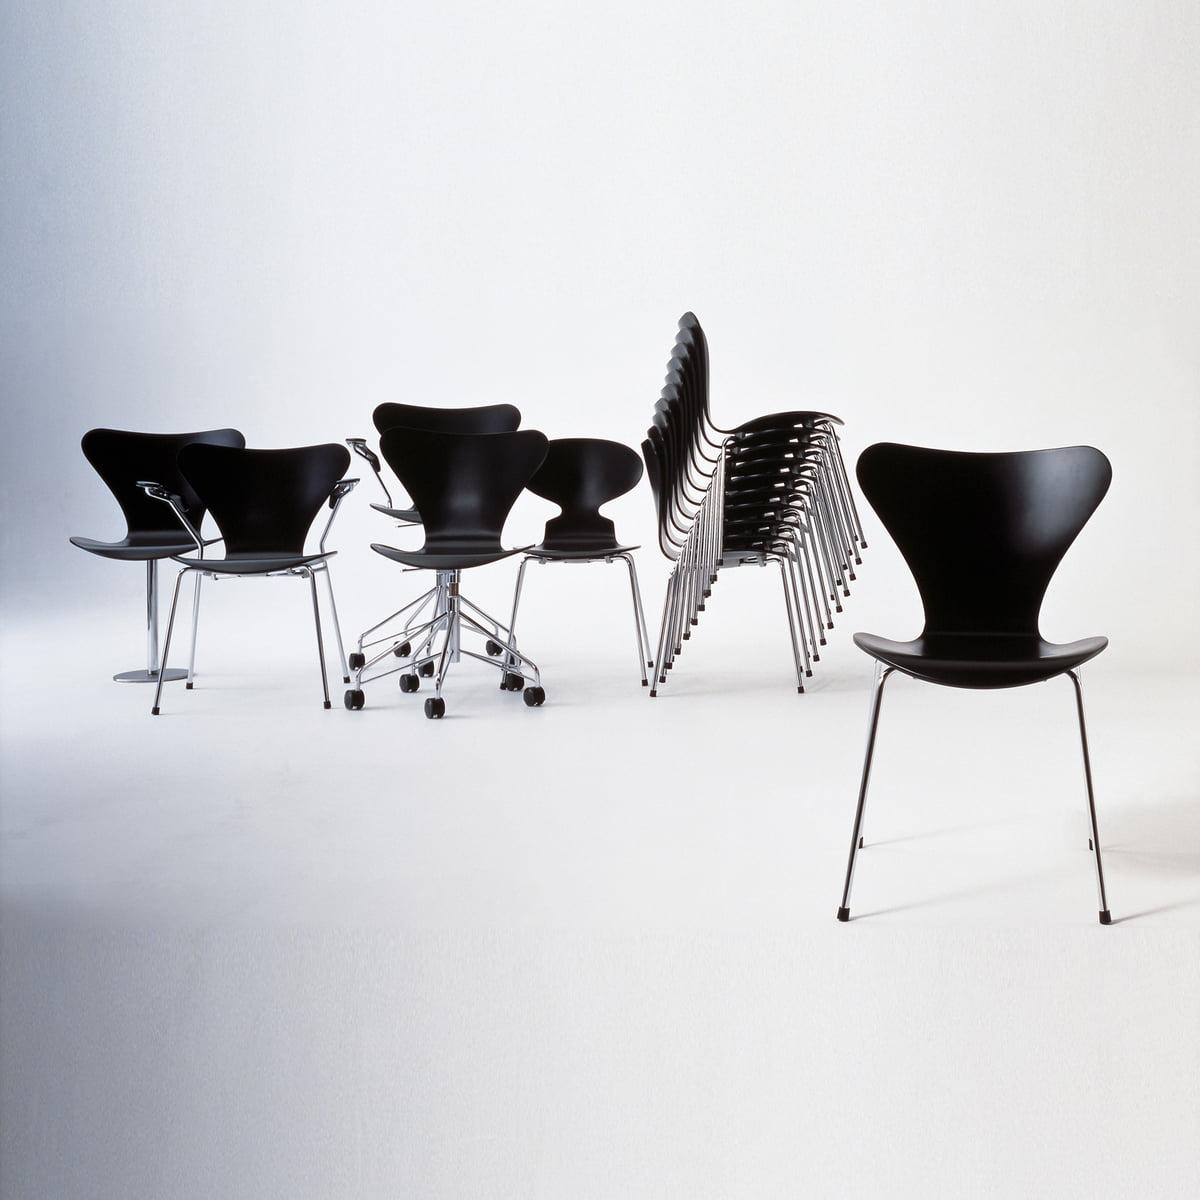 Serie 7 Farbig von Arne Jacobsen im Shop